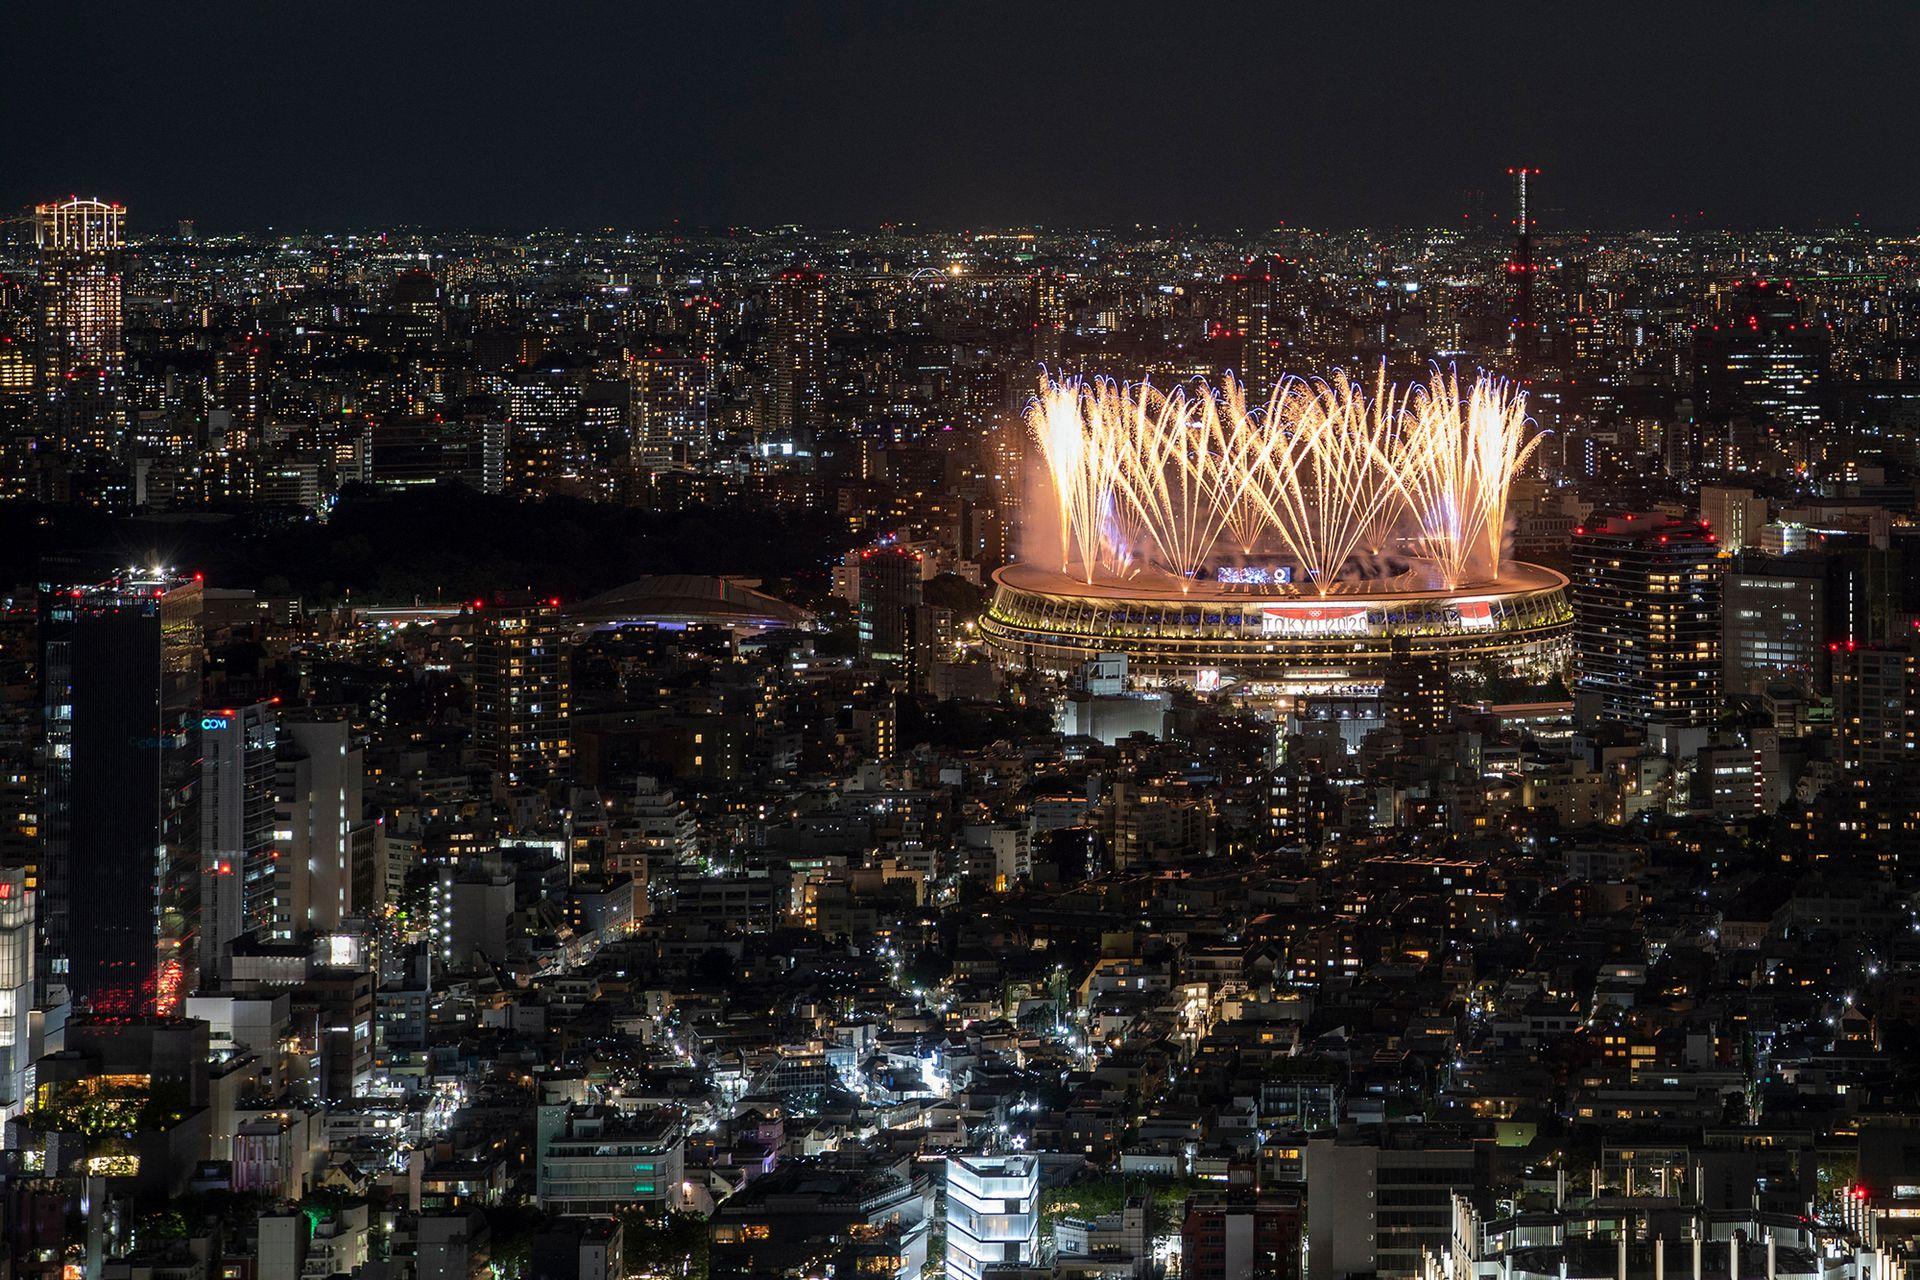 Los fuegos artificiales iluminan el cielo sobre el Estadio Olímpico durante la ceremonia de apertura de los Juegos Olímpicos de Tokio 2020, en Tokio, el 23 de julio de 2021.